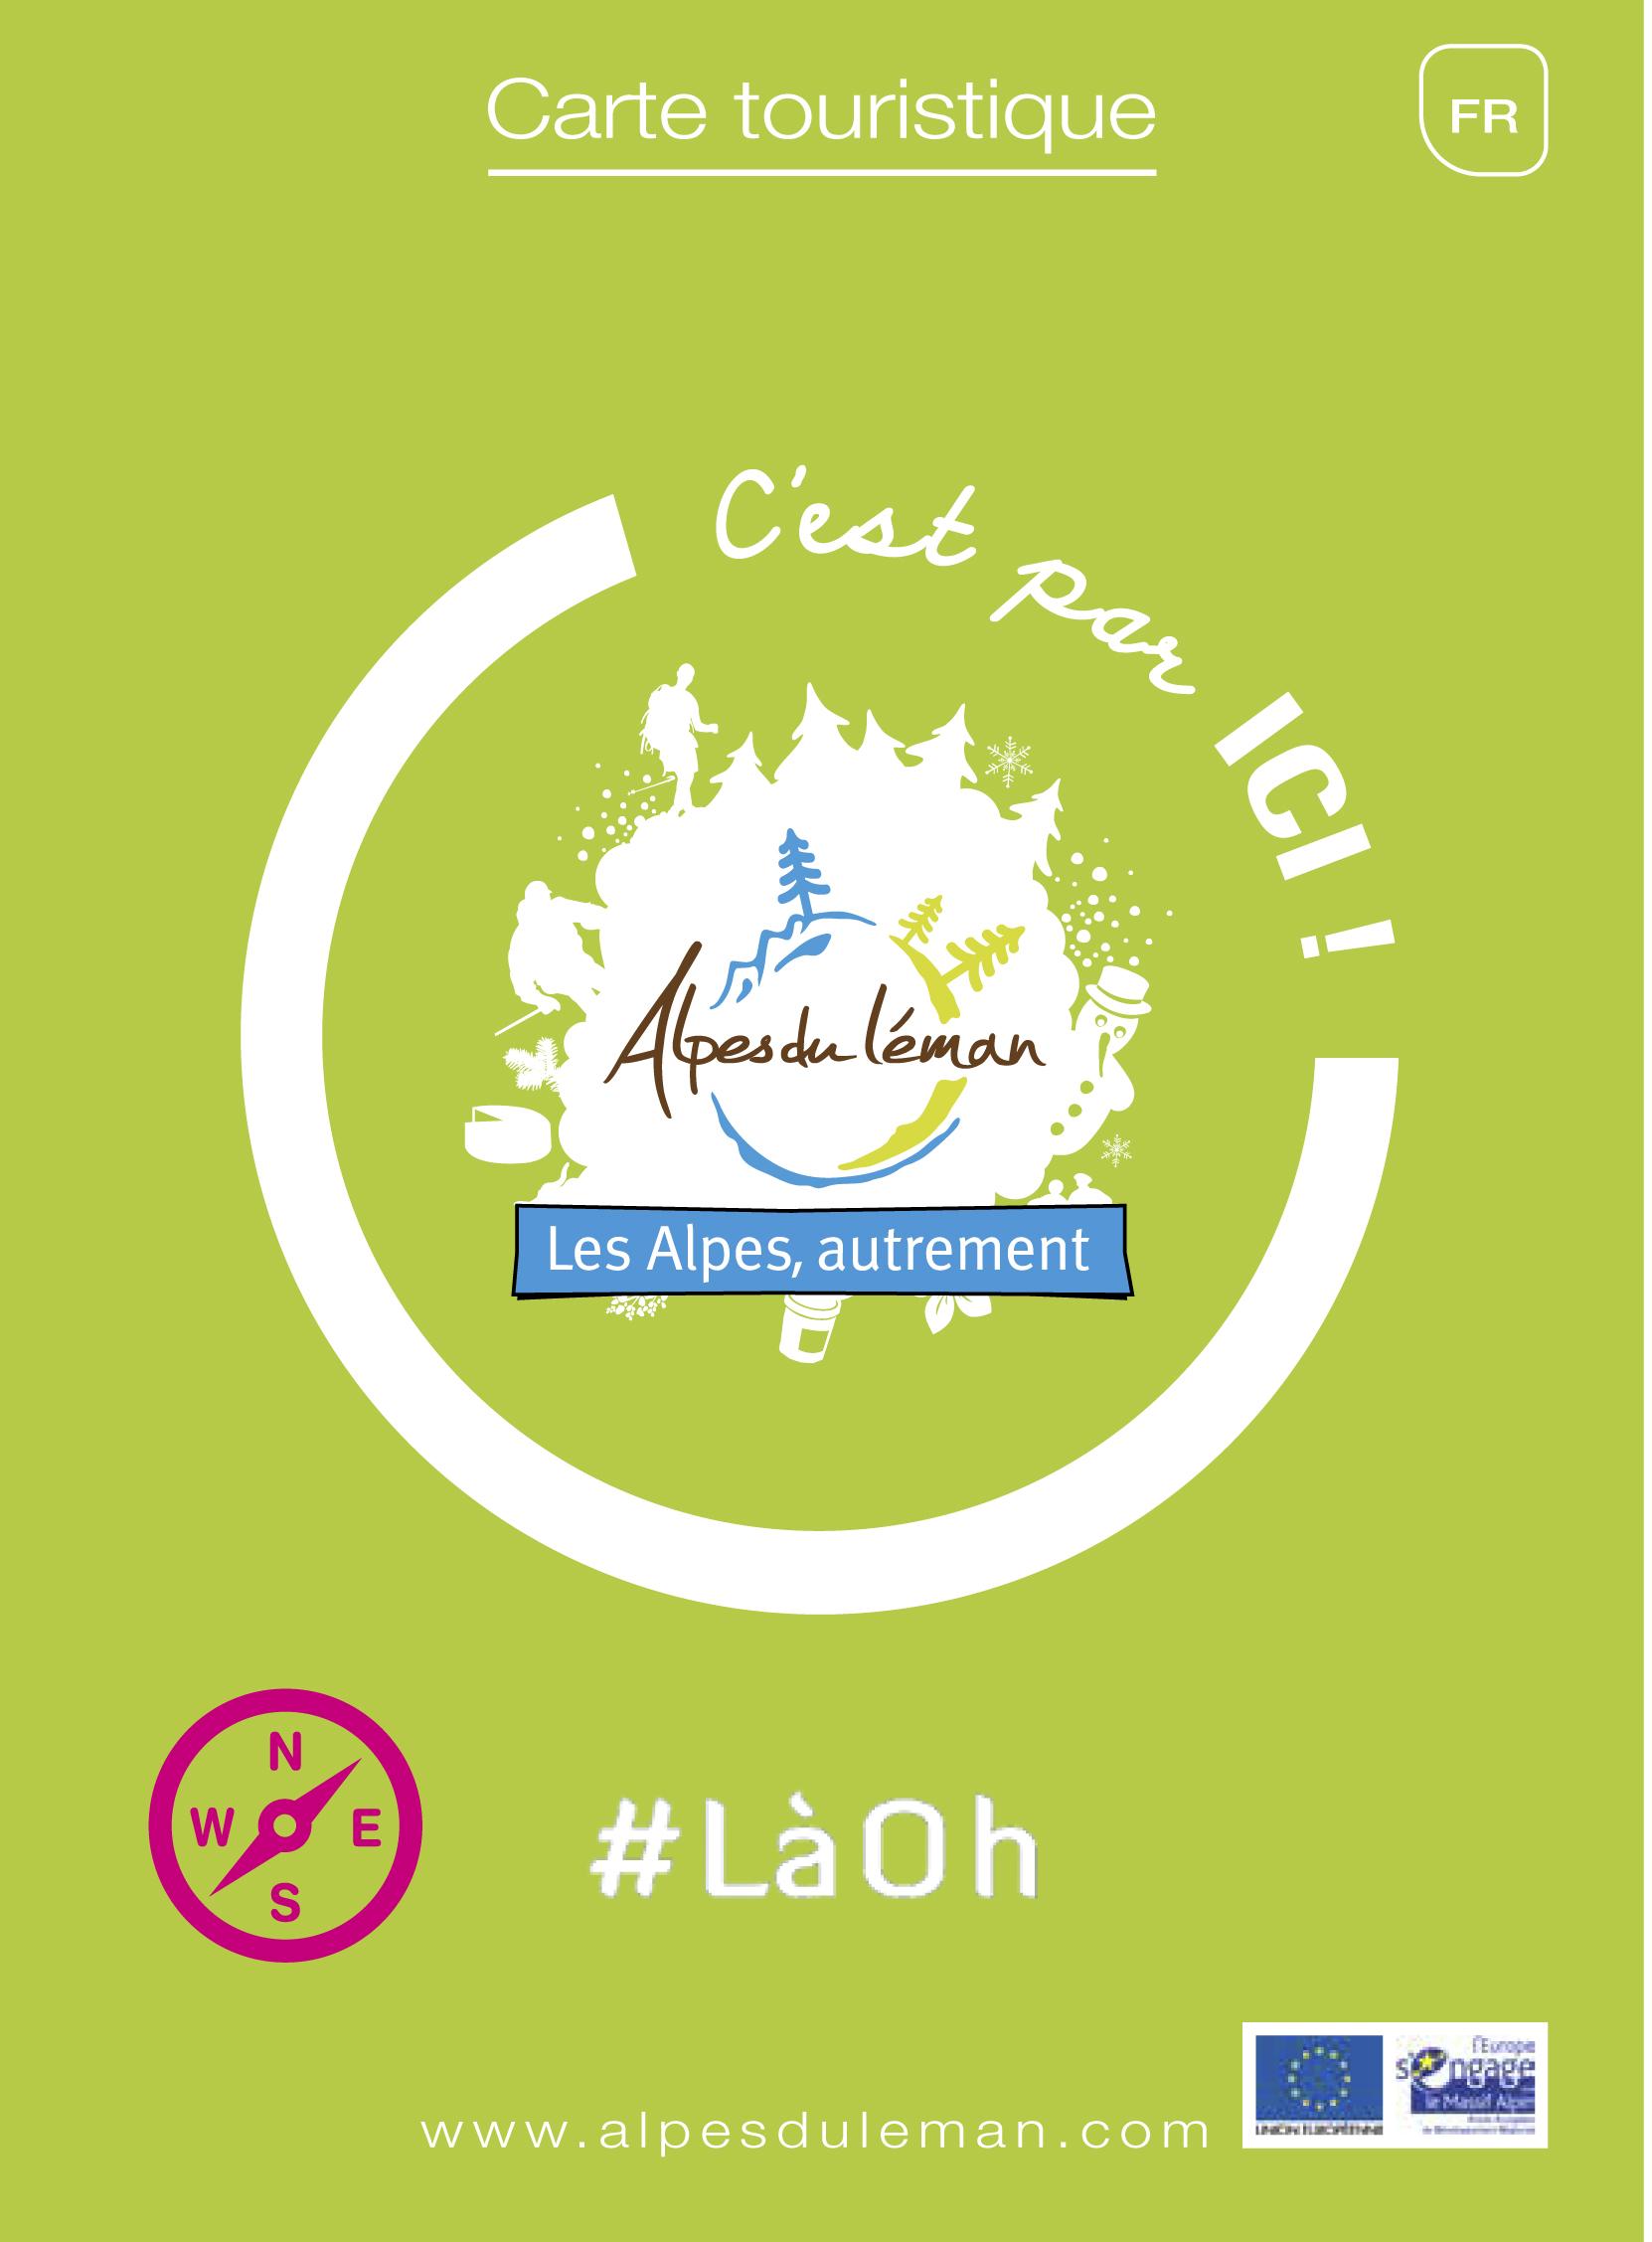 Carte touristique 4 saisons des Alpes du Léman